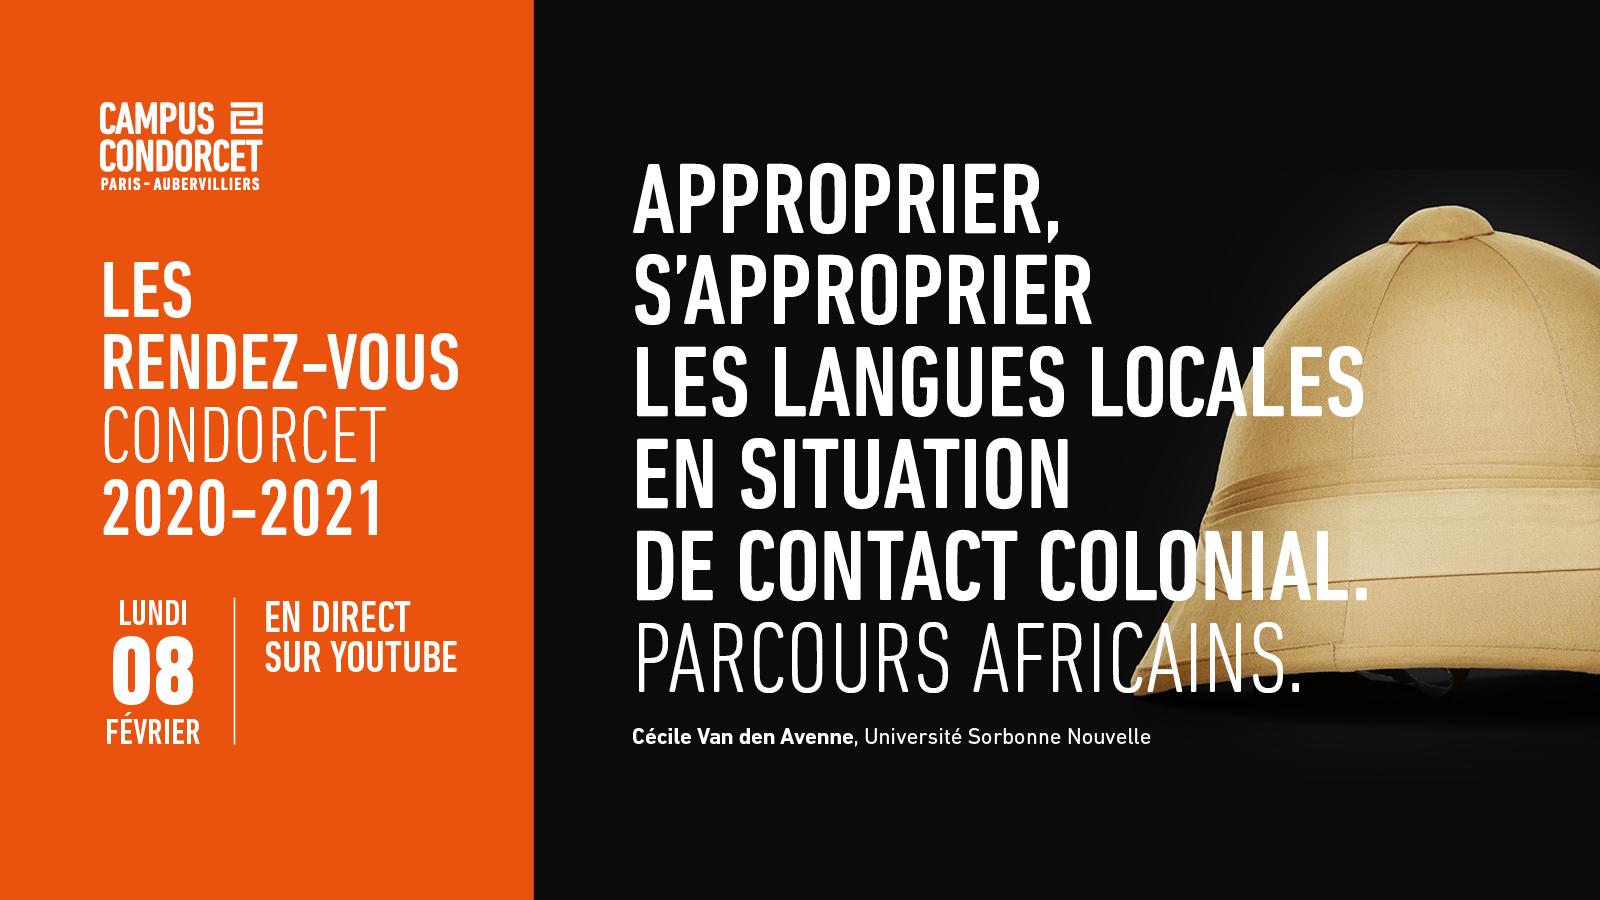 Rendez-vous Condorcet - Approprier, s'approprier les langues locales en situation de contact colonial. Parcours africains.